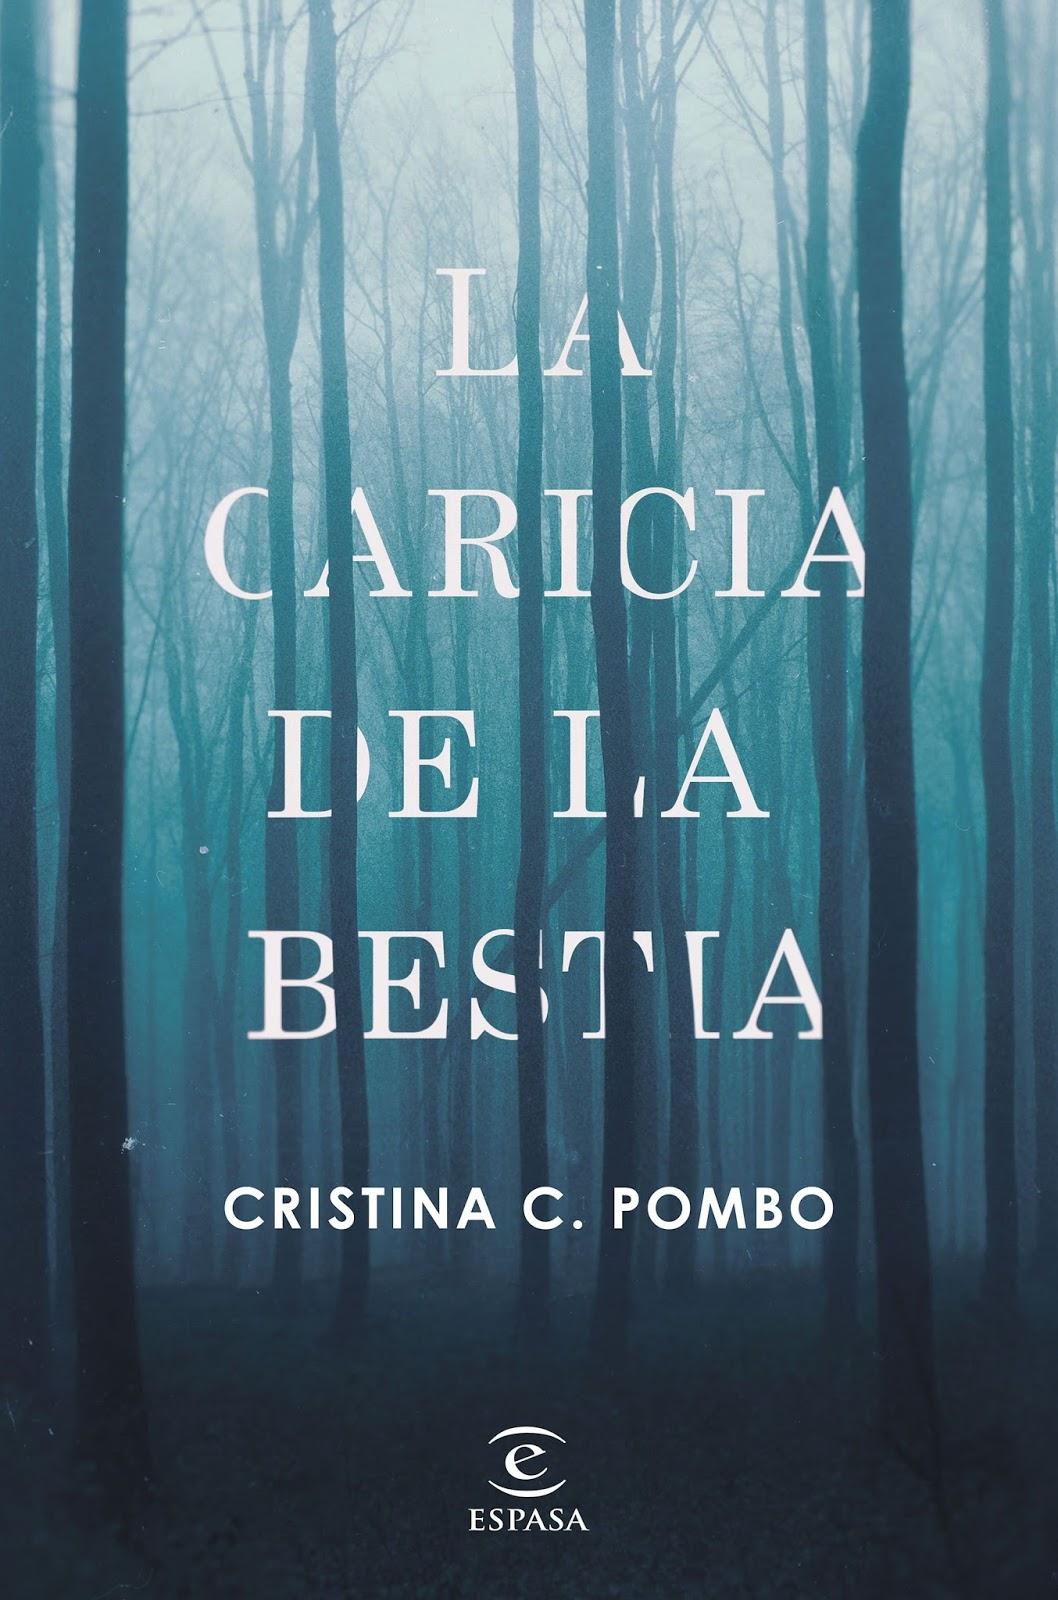 portada_la-caricia-de-la-bestia_cristina-c-pombo_201706291814